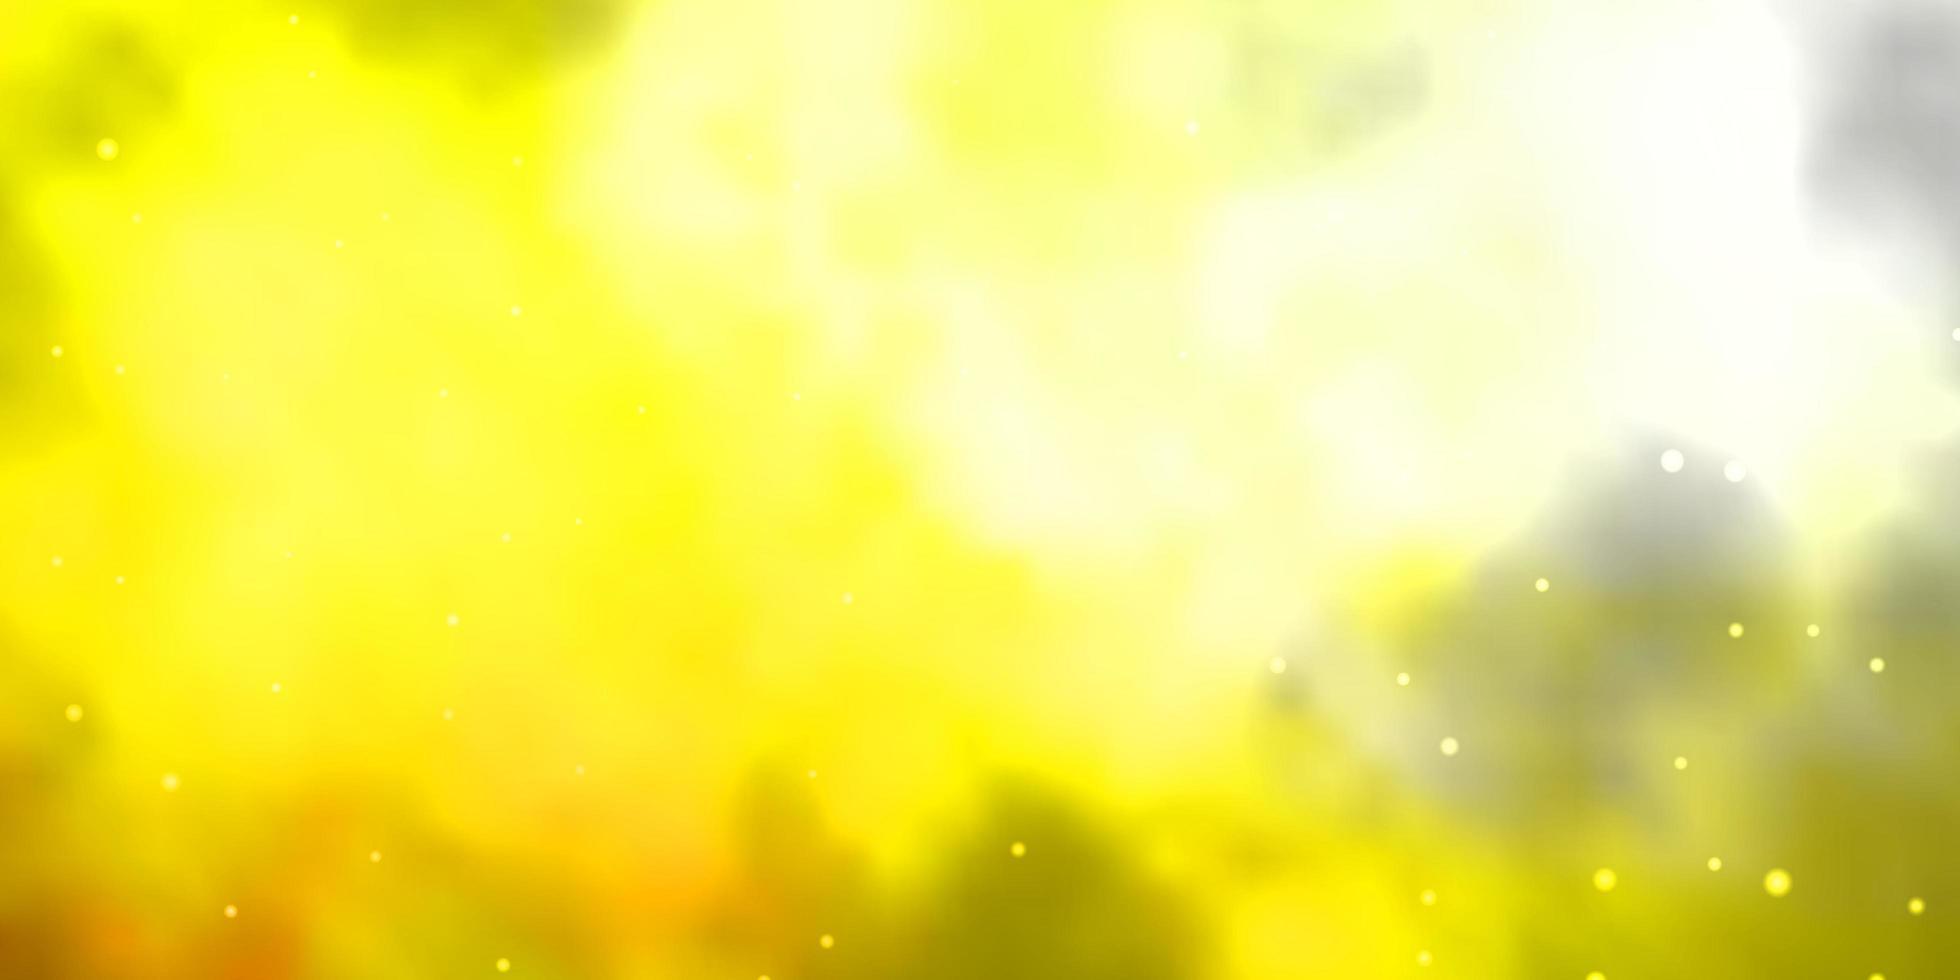 diseño de vector rojo claro, amarillo con estrellas brillantes.